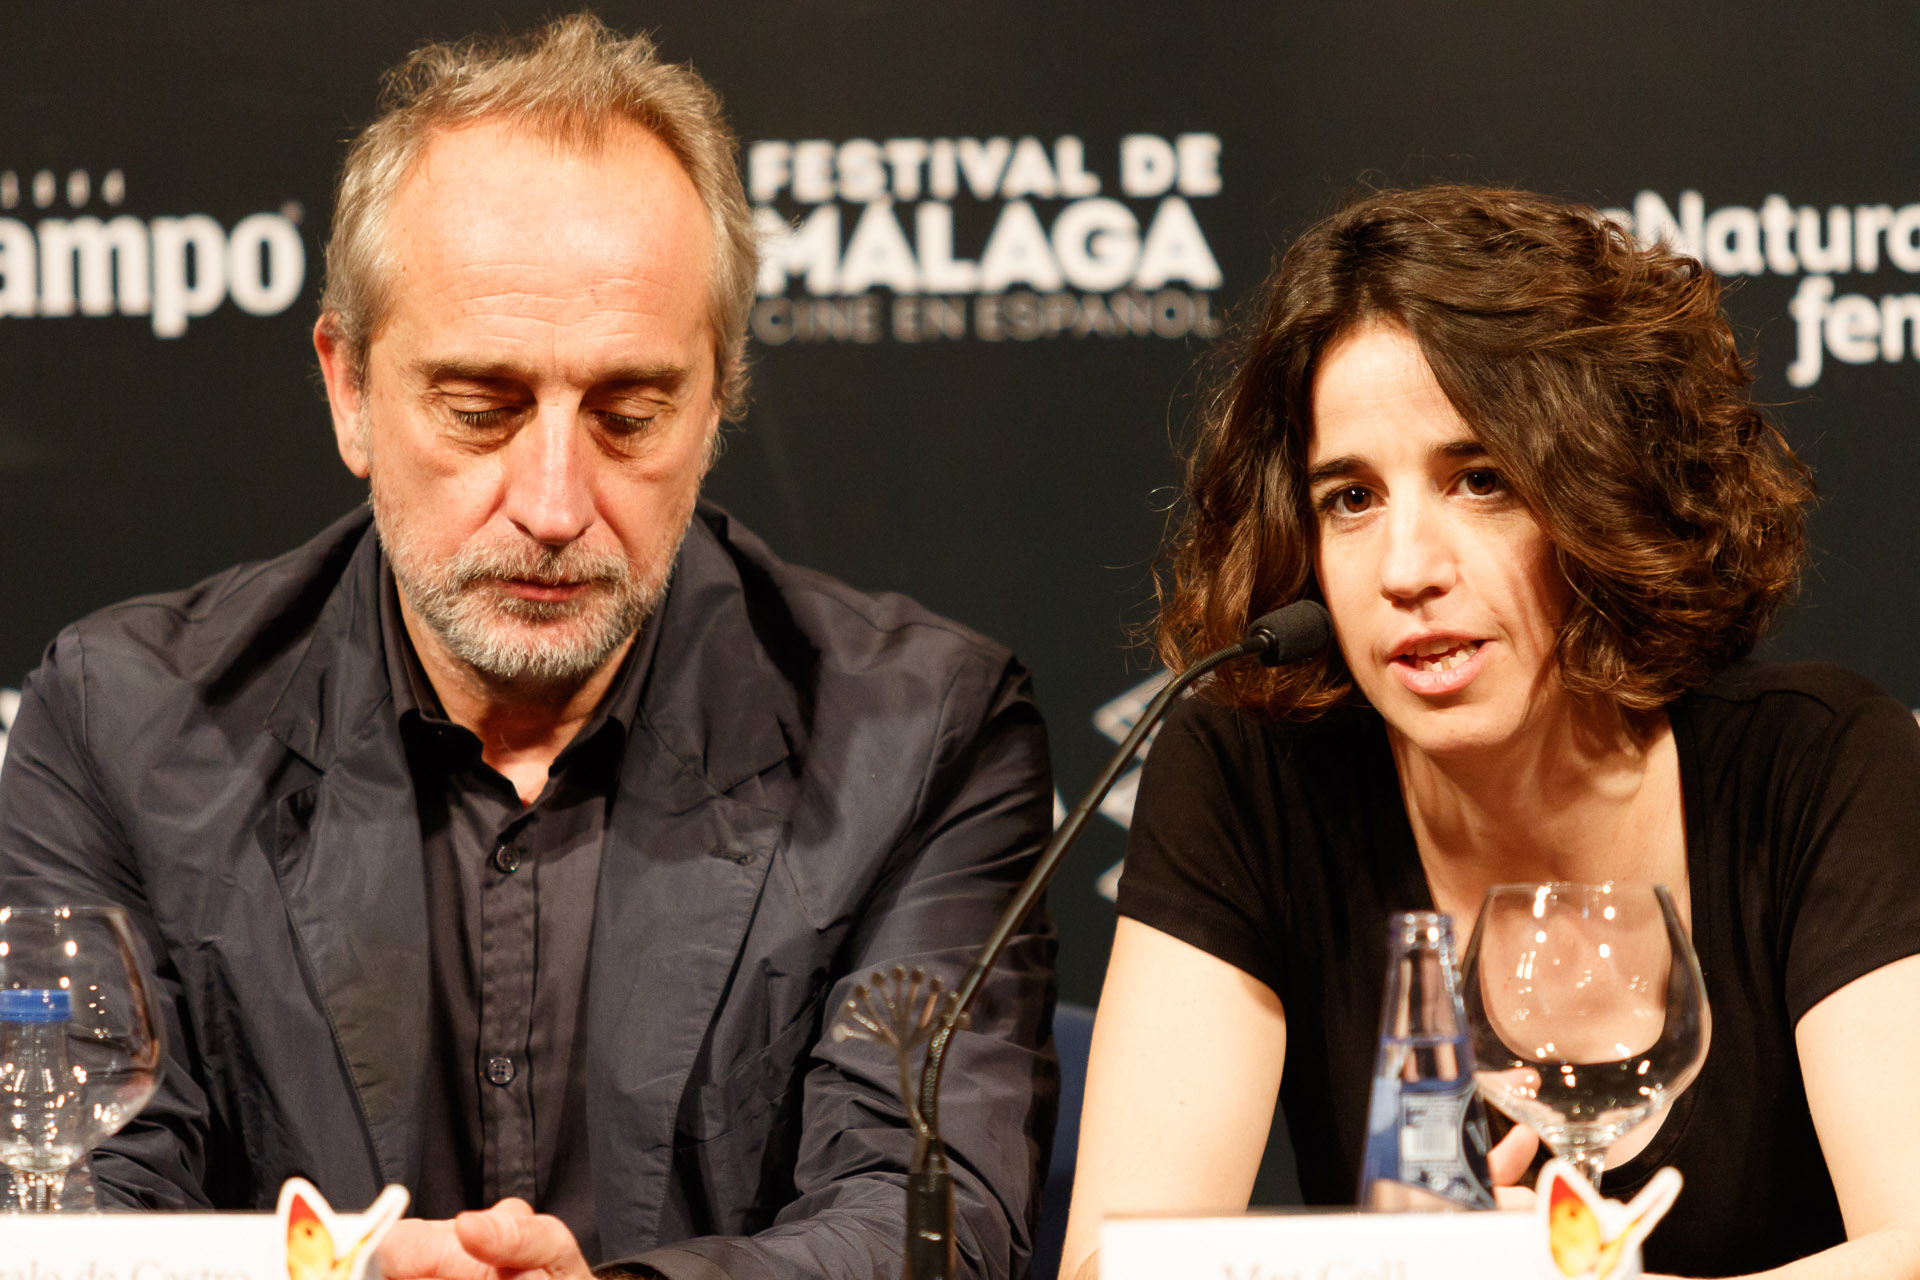 La serie Matar al padre presentada en el Festival de Cine de Málaga